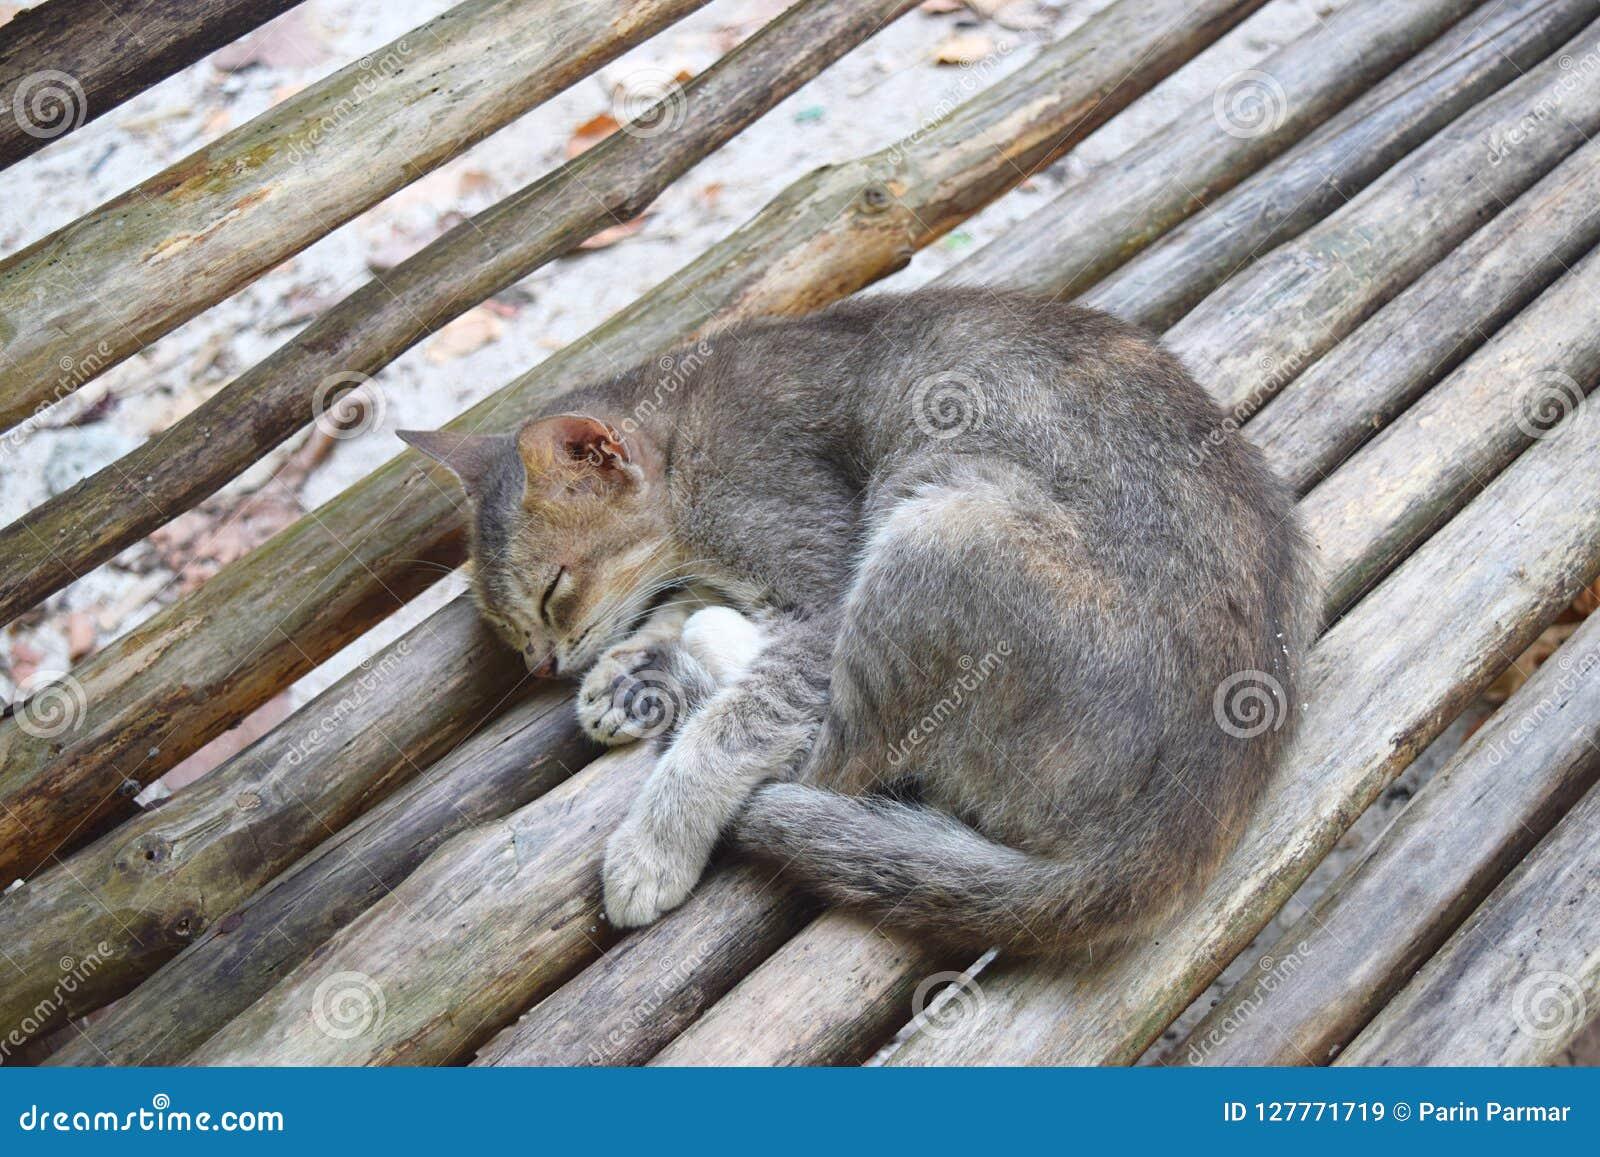 Cat Sleeping linda en un banco de madera - relajación fresca y resto pacífico